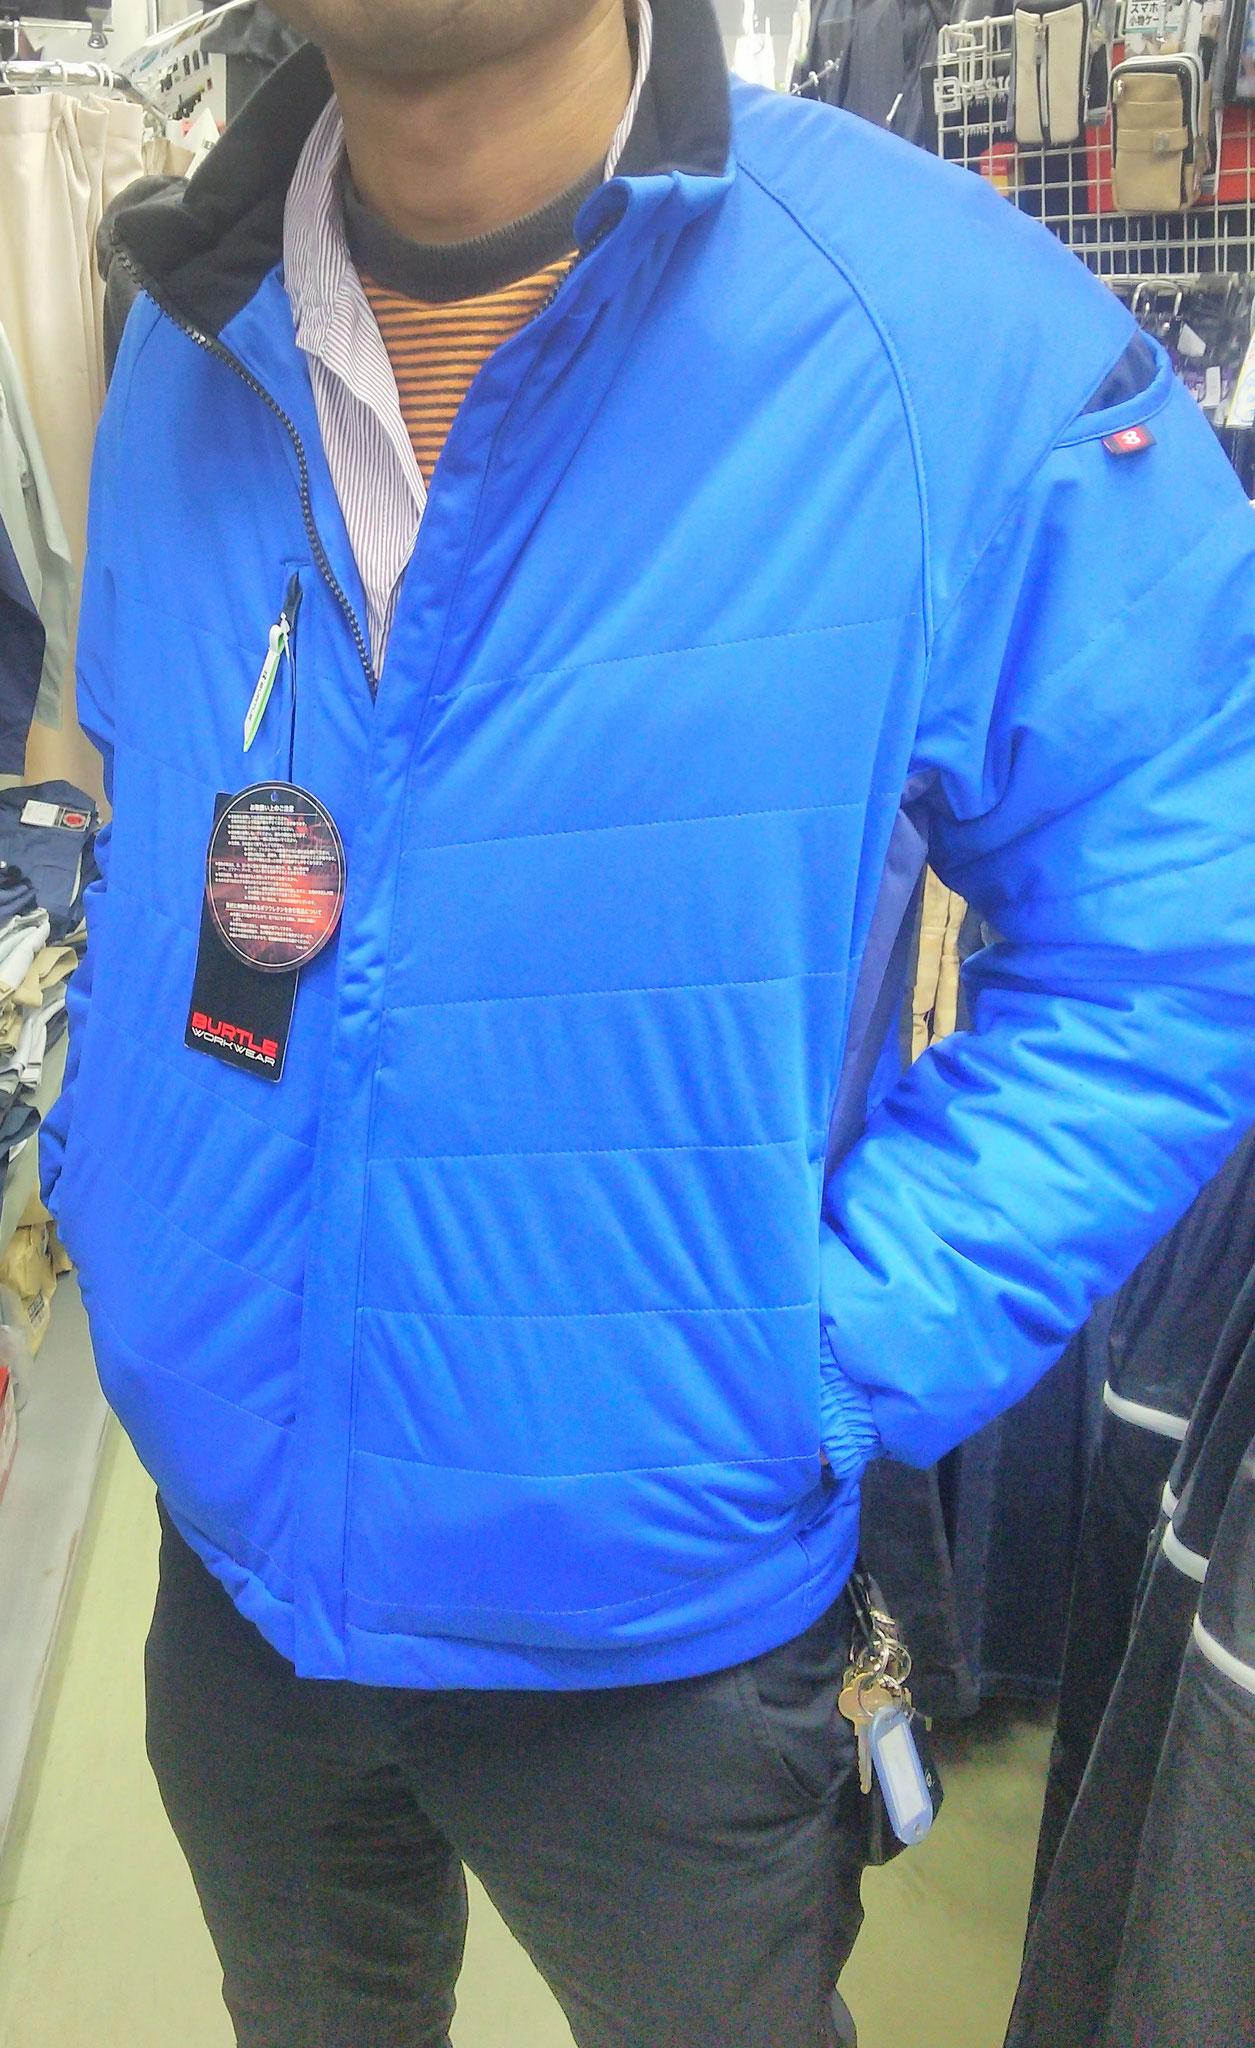 BURTLE<バートル>7410 防風ストレッチブルゾン ¥2,990(税込)